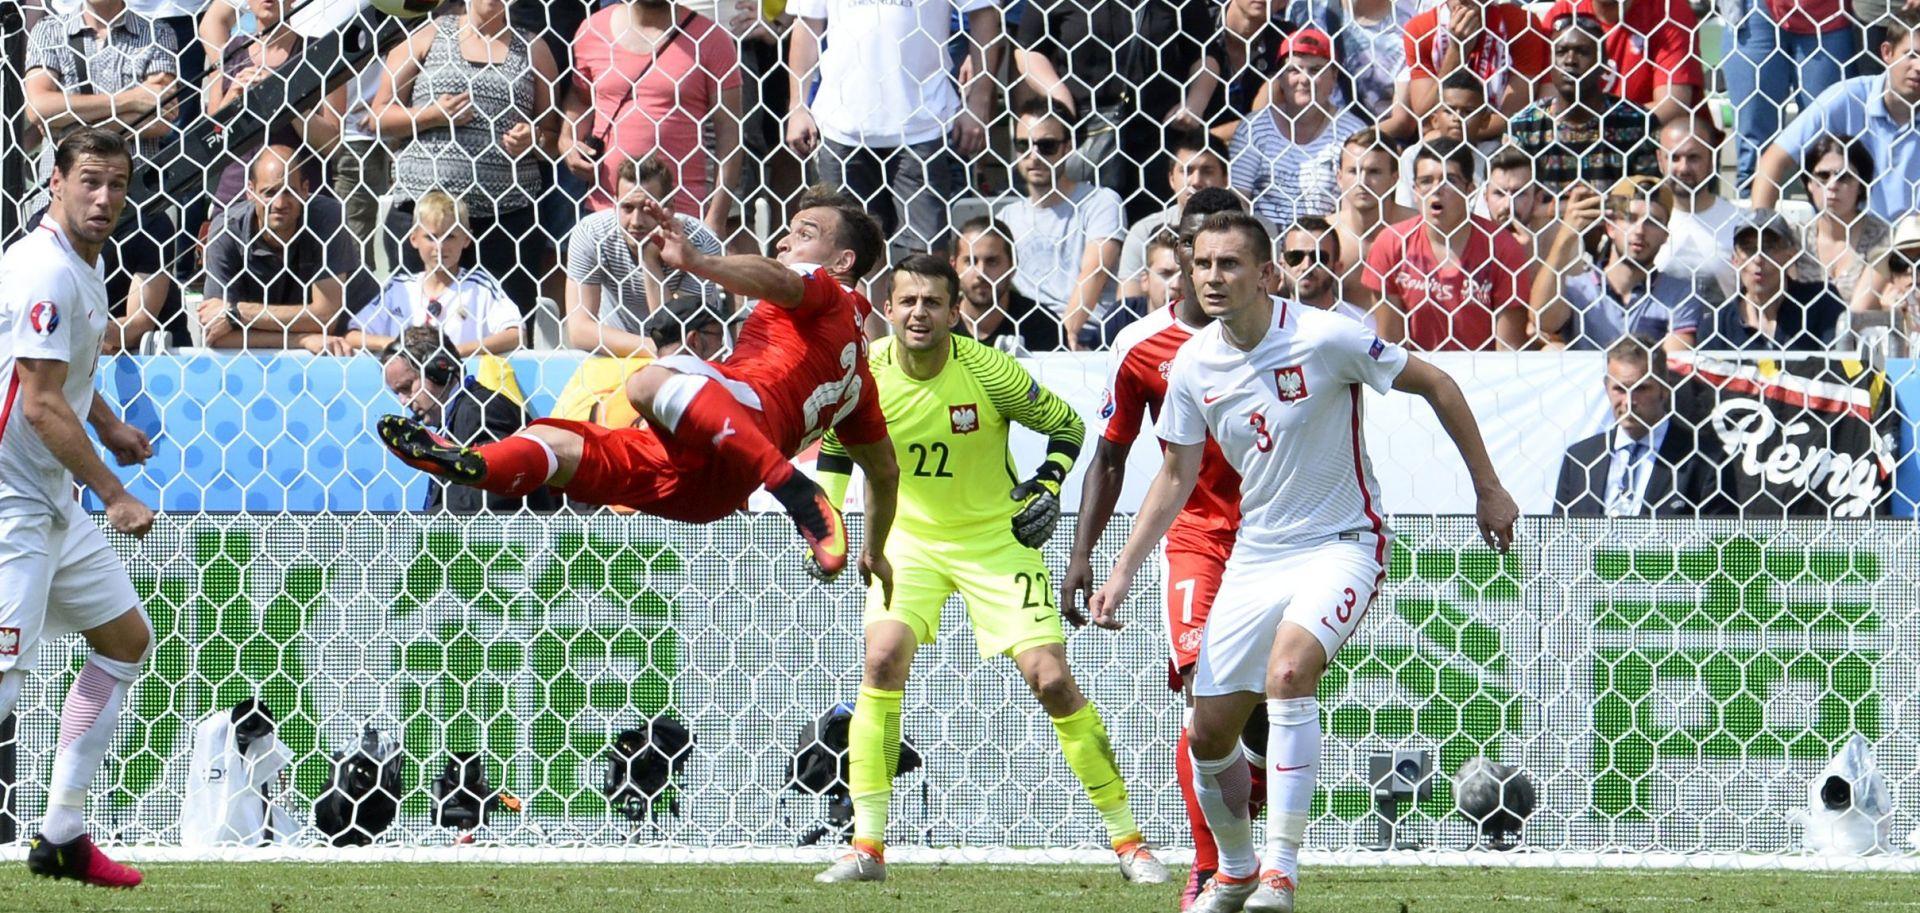 VIDEO: SPEKTAKULARNE ŠKARICE SHAQIRIJA Ovo je najljepši pogodak EURO-a